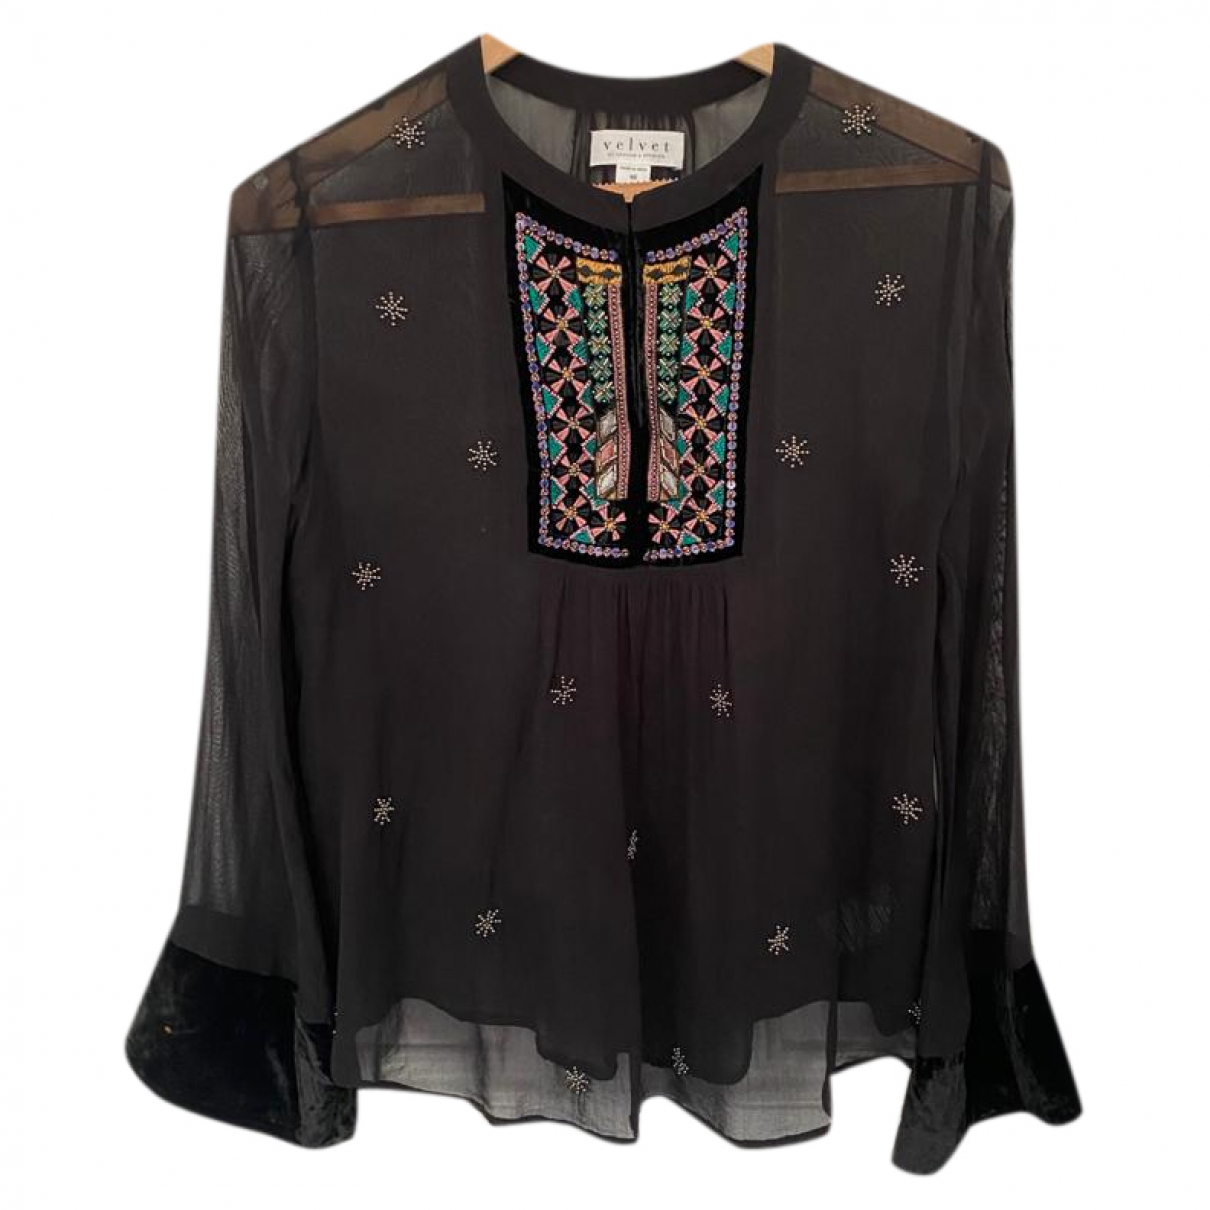 Velvet \N Black  top for Women XS International